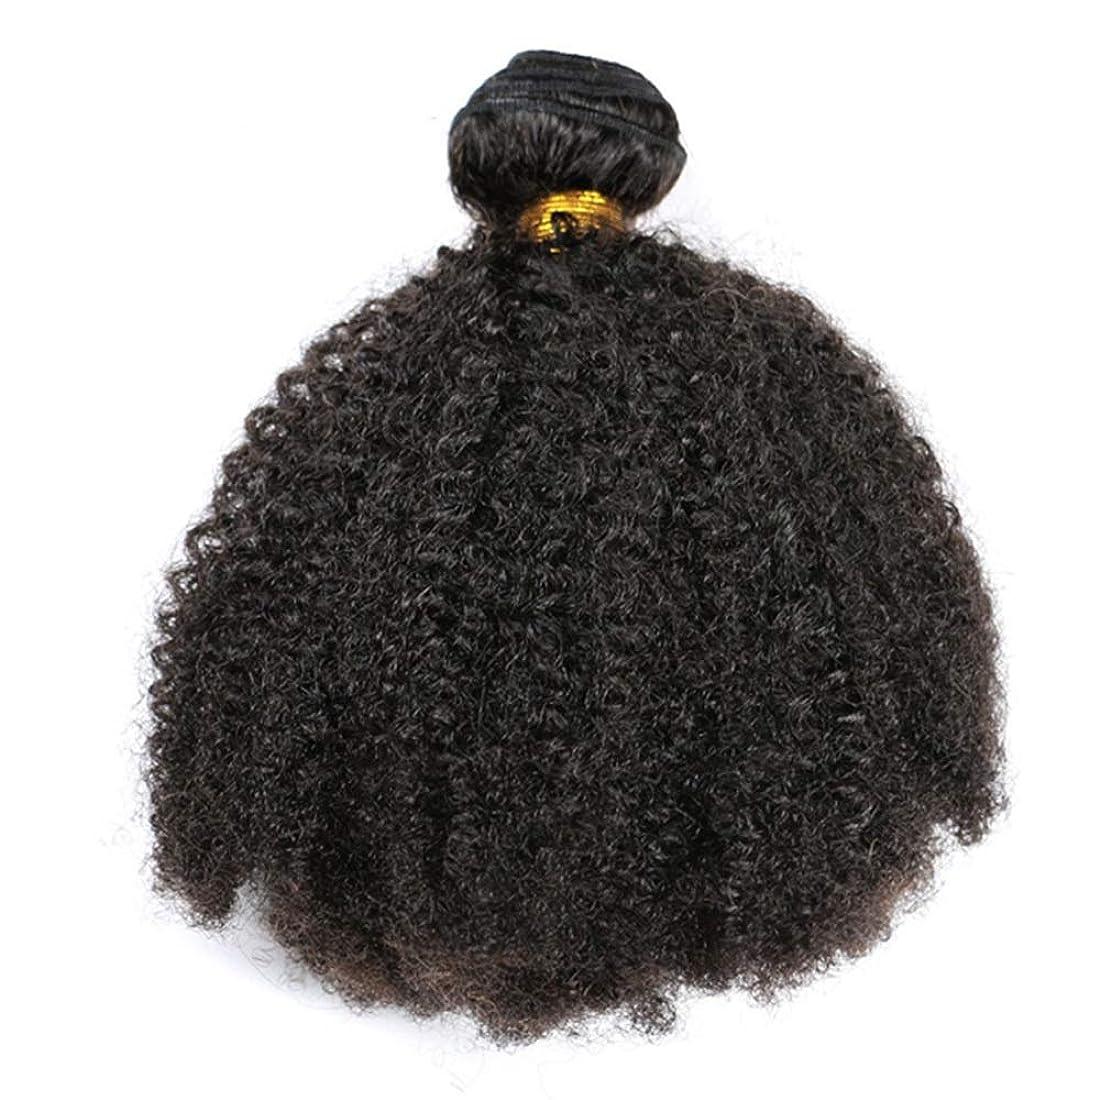 コーン全体施しYrattary ブラジルの髪1バンドルアフロ変態カーリーヘアー織り人毛100%エクステンションナチュラルブラック複合毛レースのかつらロールプレイングかつら (色 : 黒, サイズ : 26 inch)